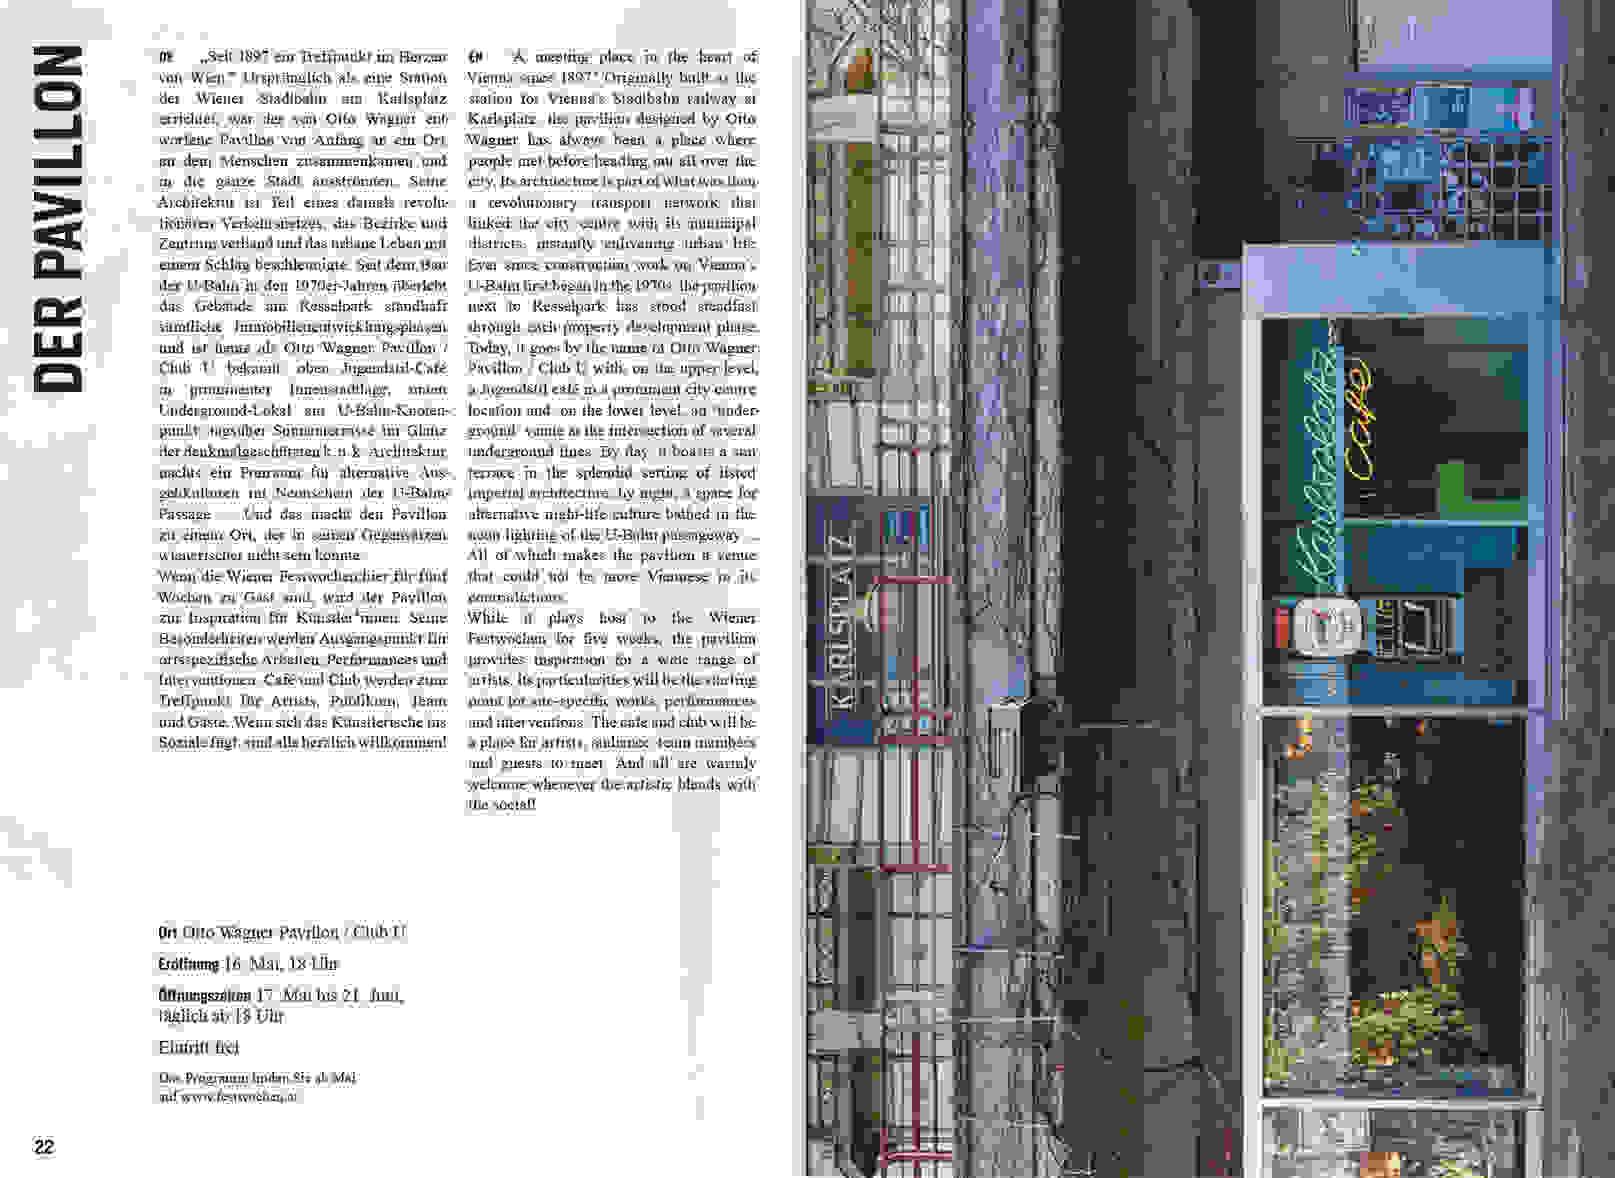 WFW20 Programm Doppelseite 09